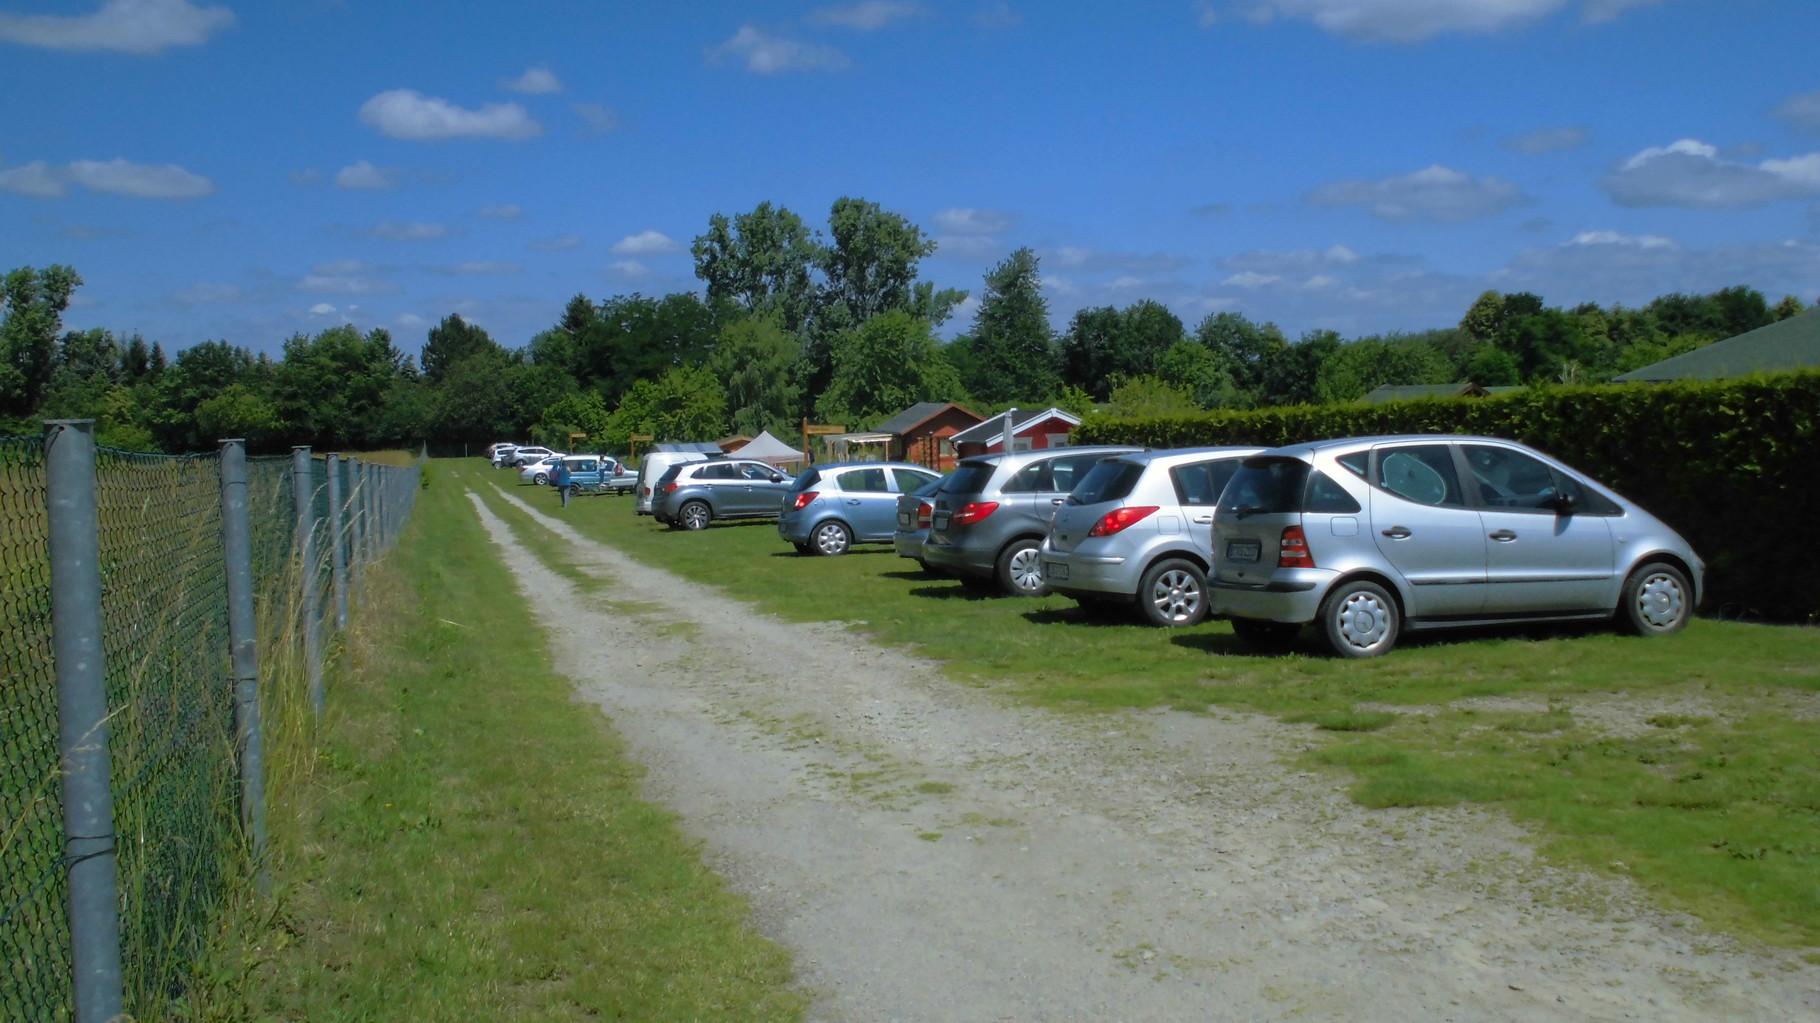 hier parken unsere Autos